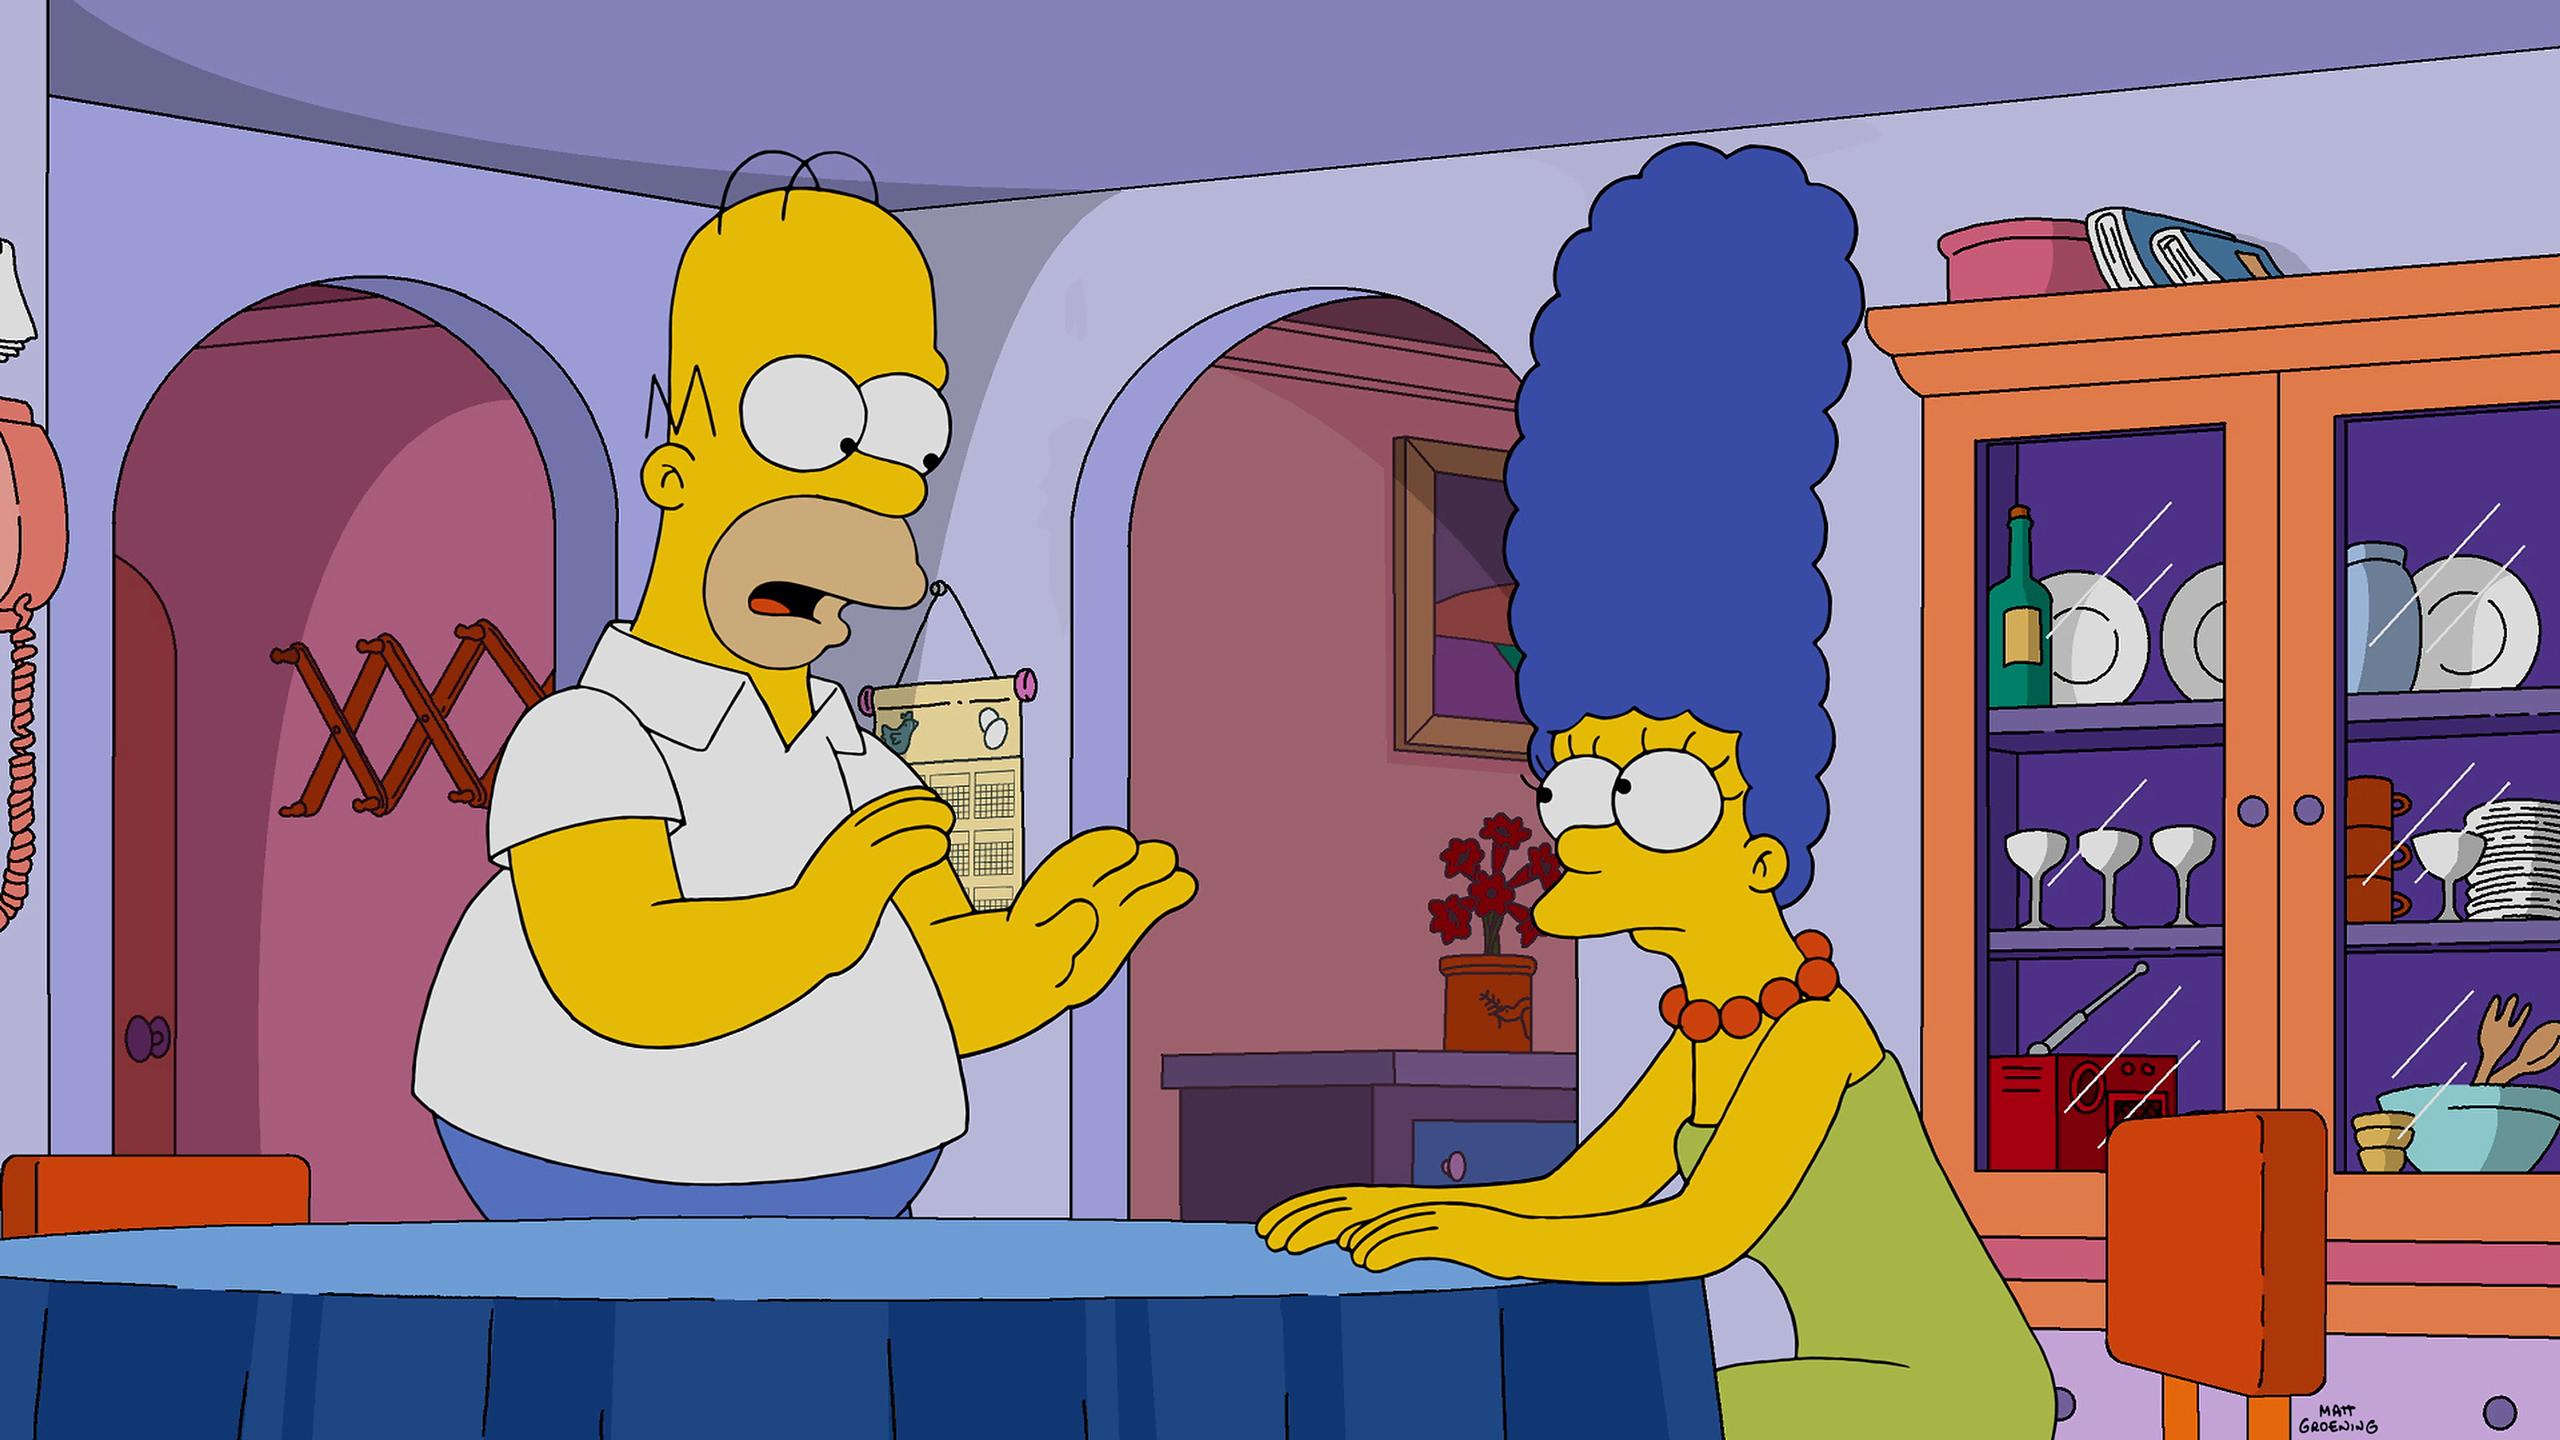 Internet Loves Homer Simpson Using Meme Bush GIF of Himself | Time